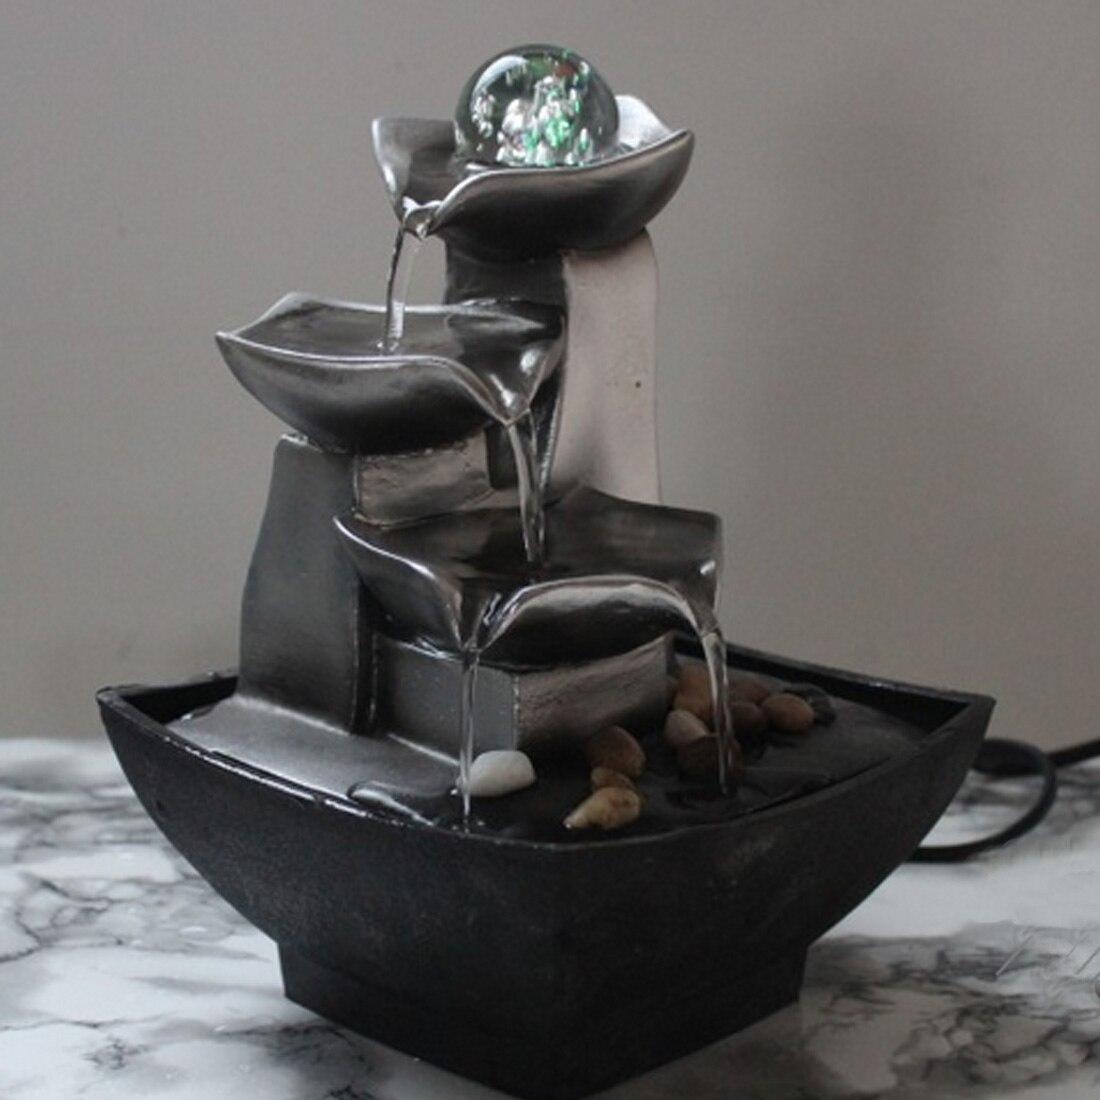 Résine fontaines d'eau décoration d'intérieur artisanat créatif décor à la maison Figurines Feng Shui fontaine d'eau bureau décoration de la maison